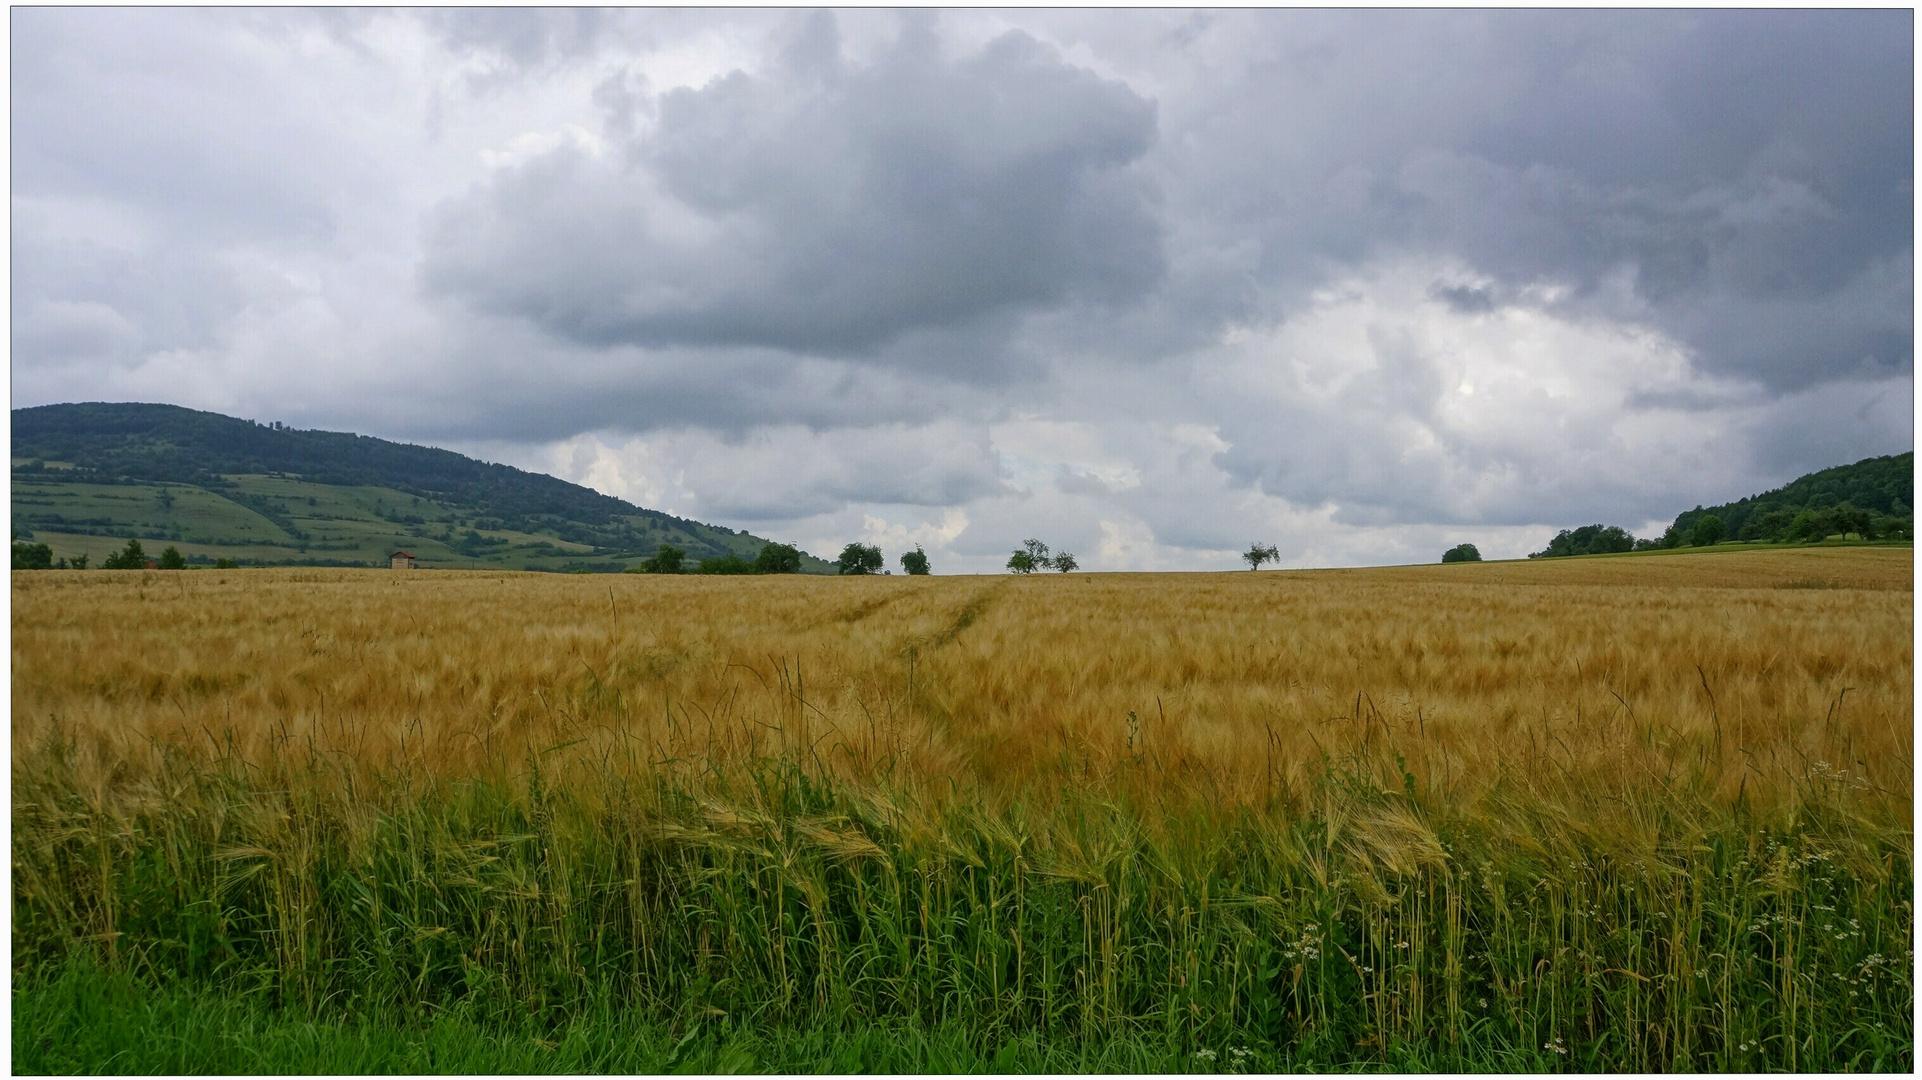 Getreidefeld VII (campo de cereales VII)